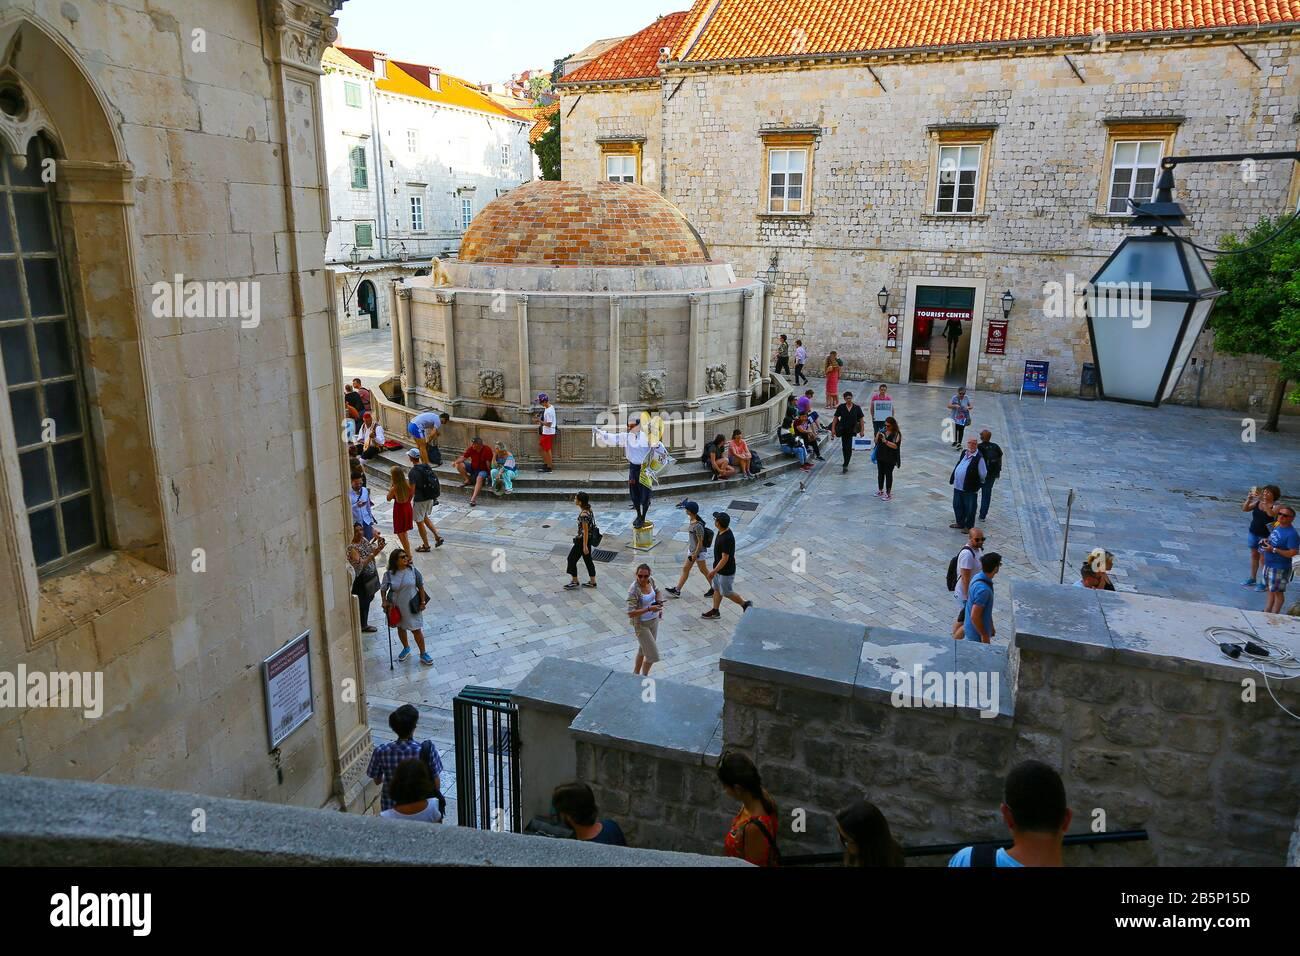 La Grande fontaine Onofrio ou la grande fontaine d'Onofrio à l'intérieur des murs de la vieille ville, Dubrovnik, Croatie Banque D'Images